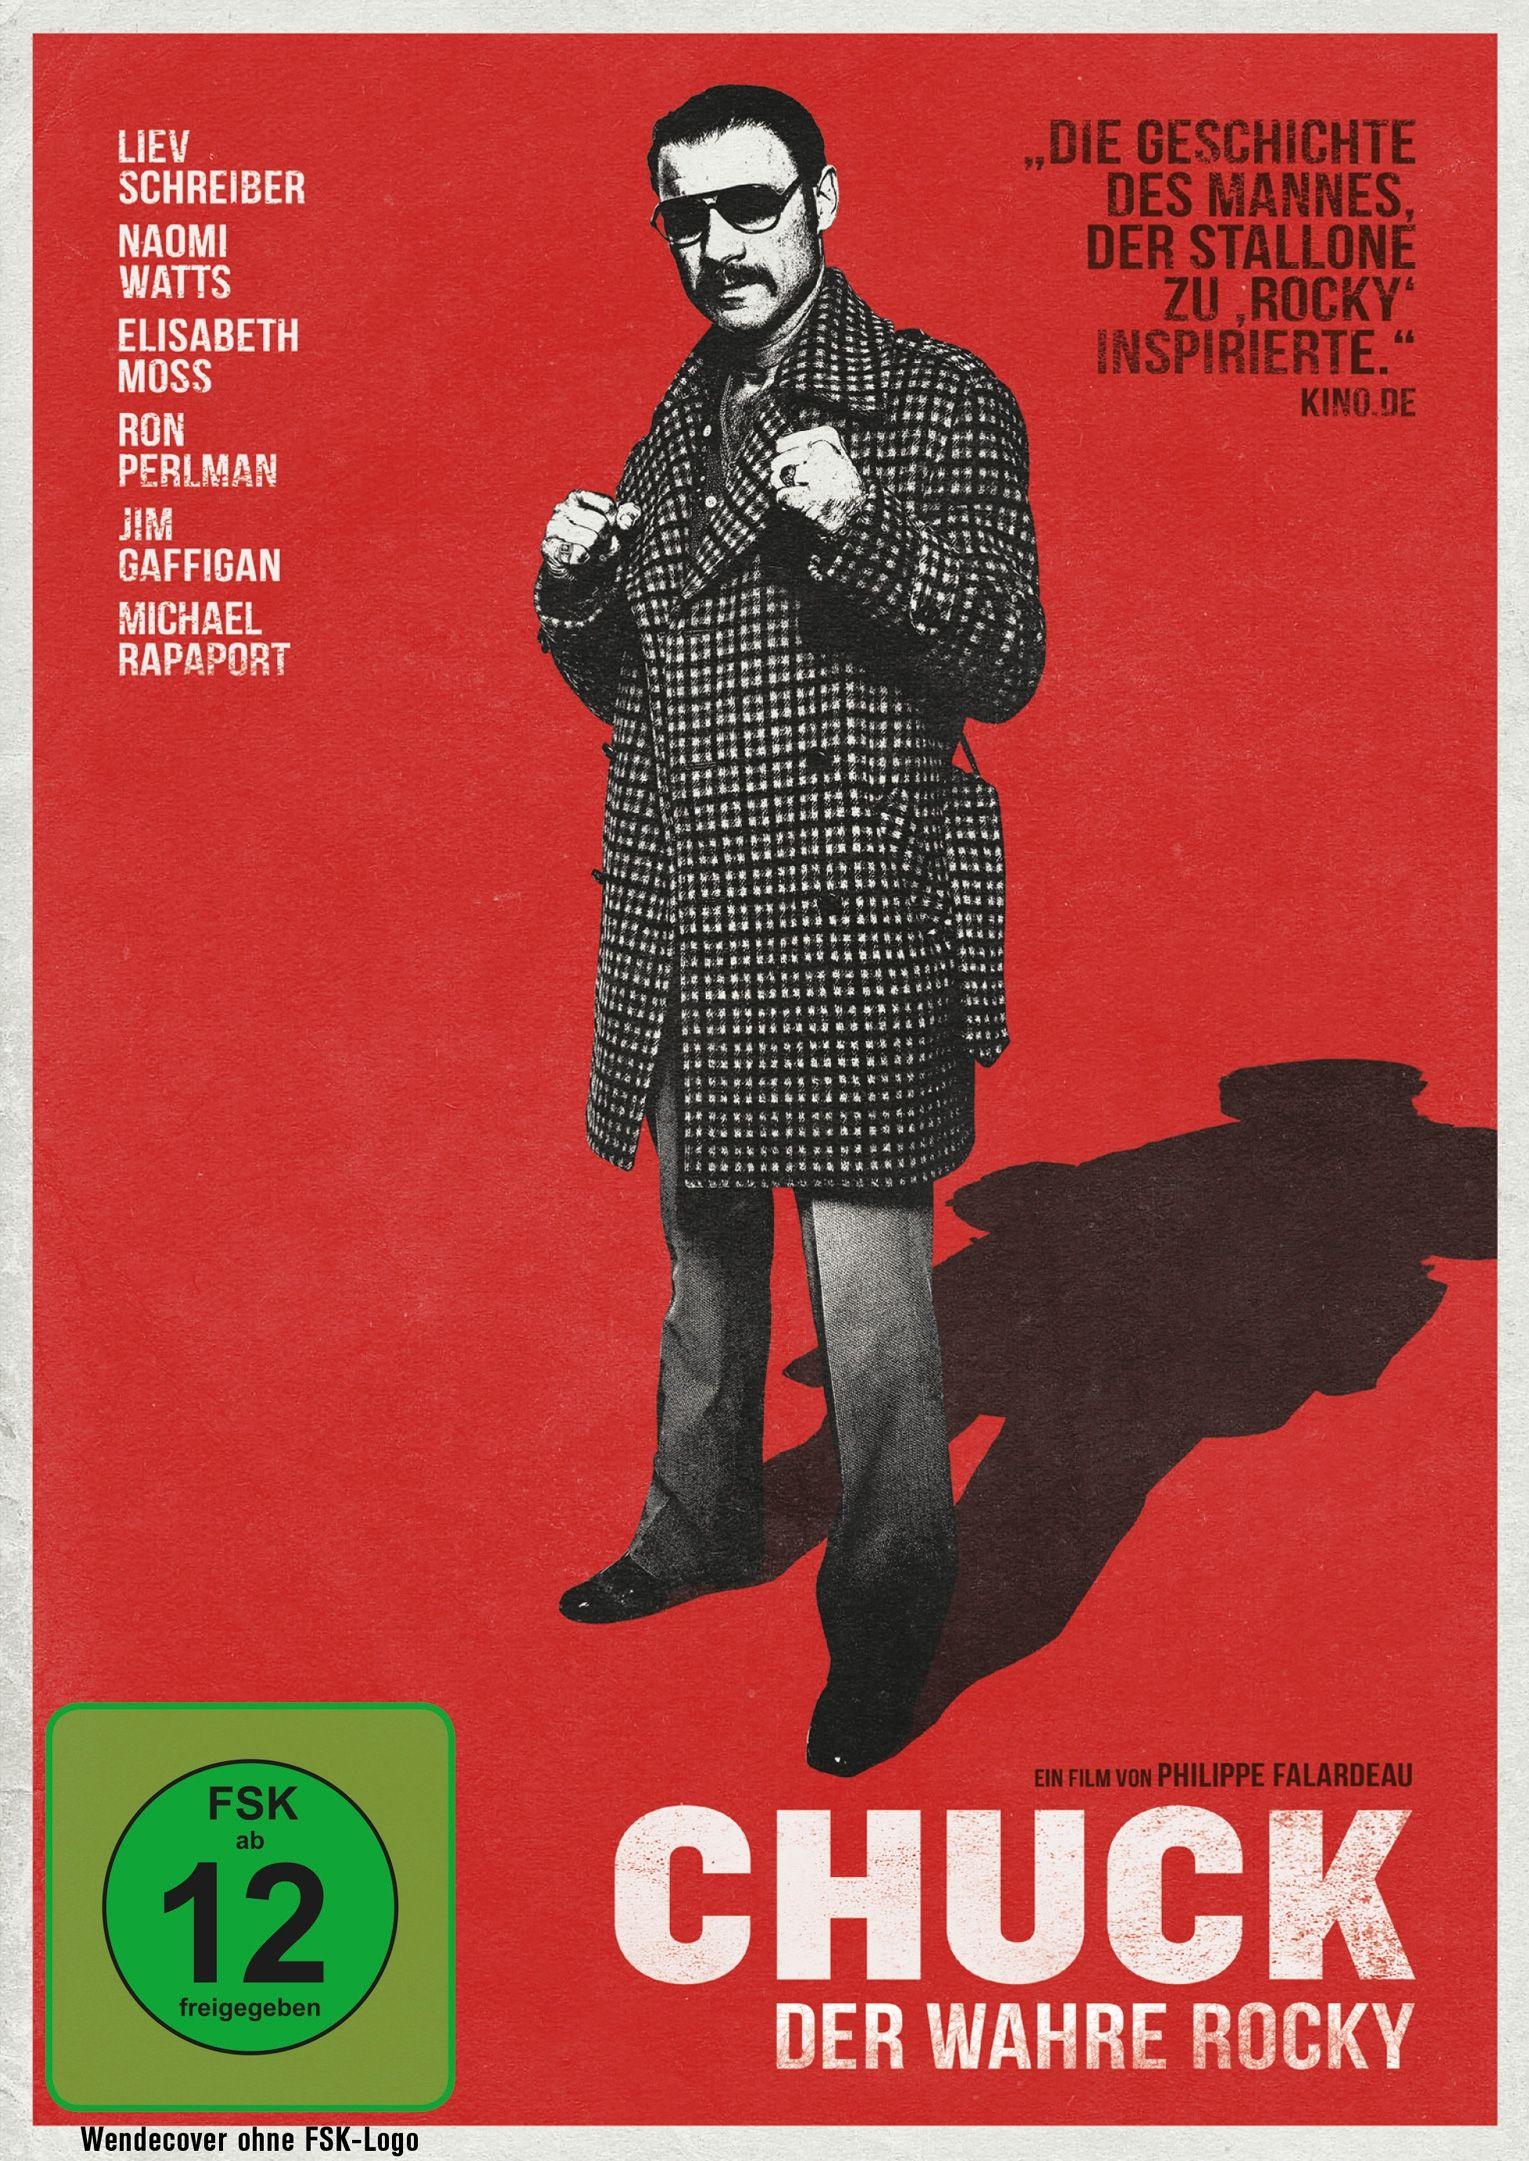 Chuck - Der wahre Rocky (Neuauflage)